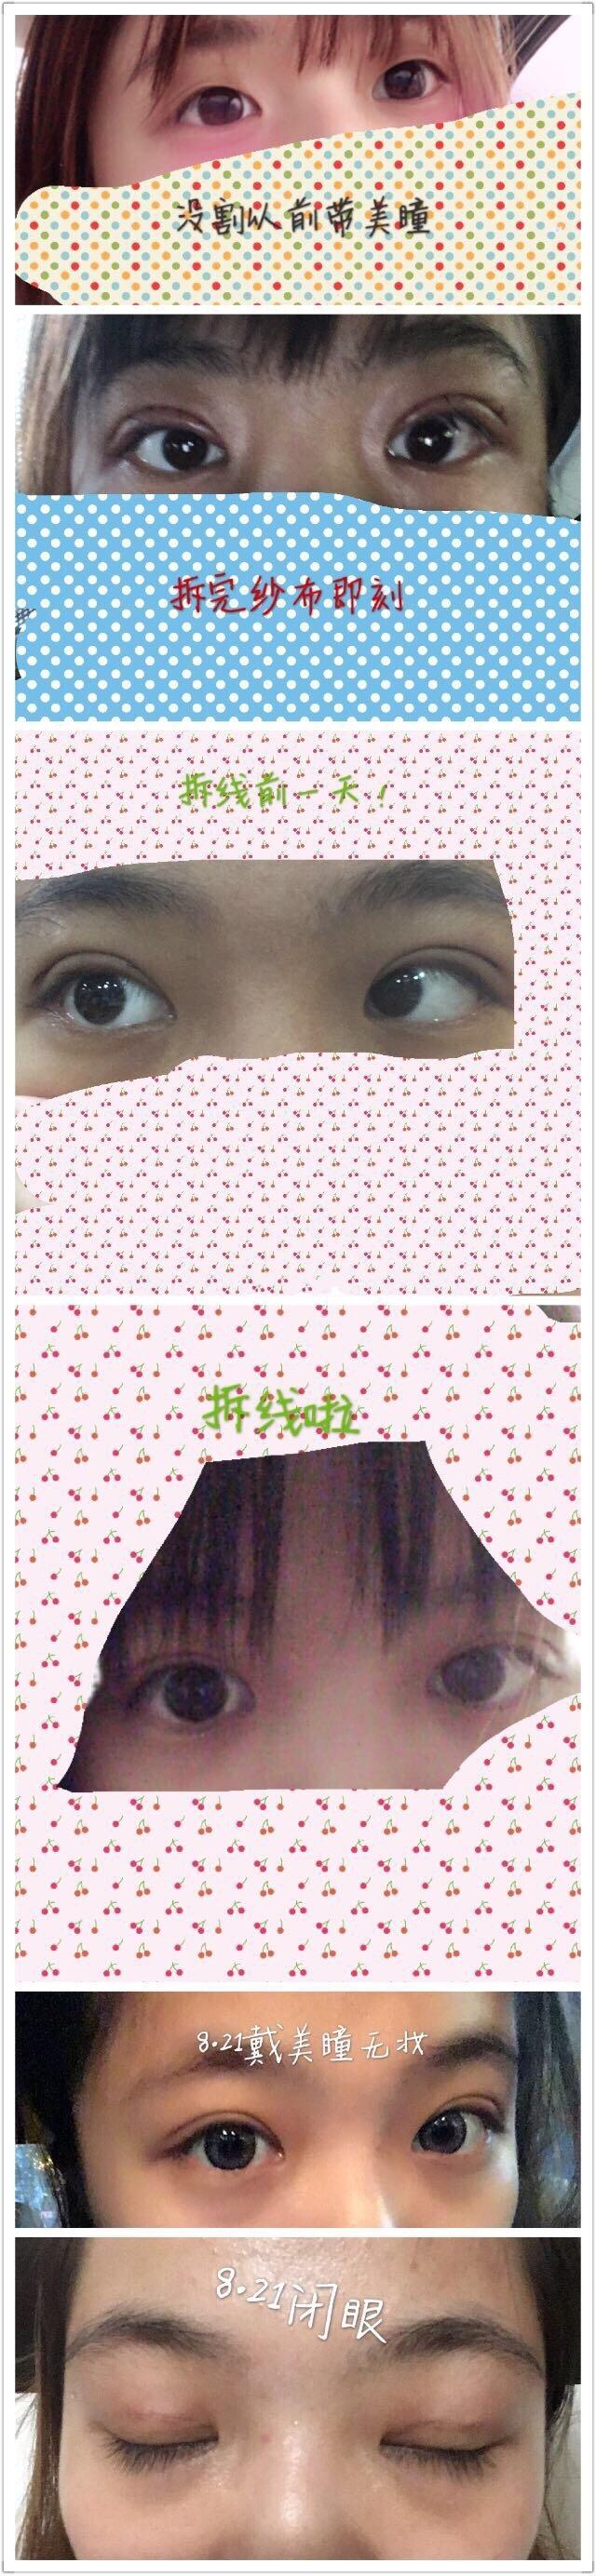 上海九院罗敏医生做的微创双眼皮案例 看看效果如何